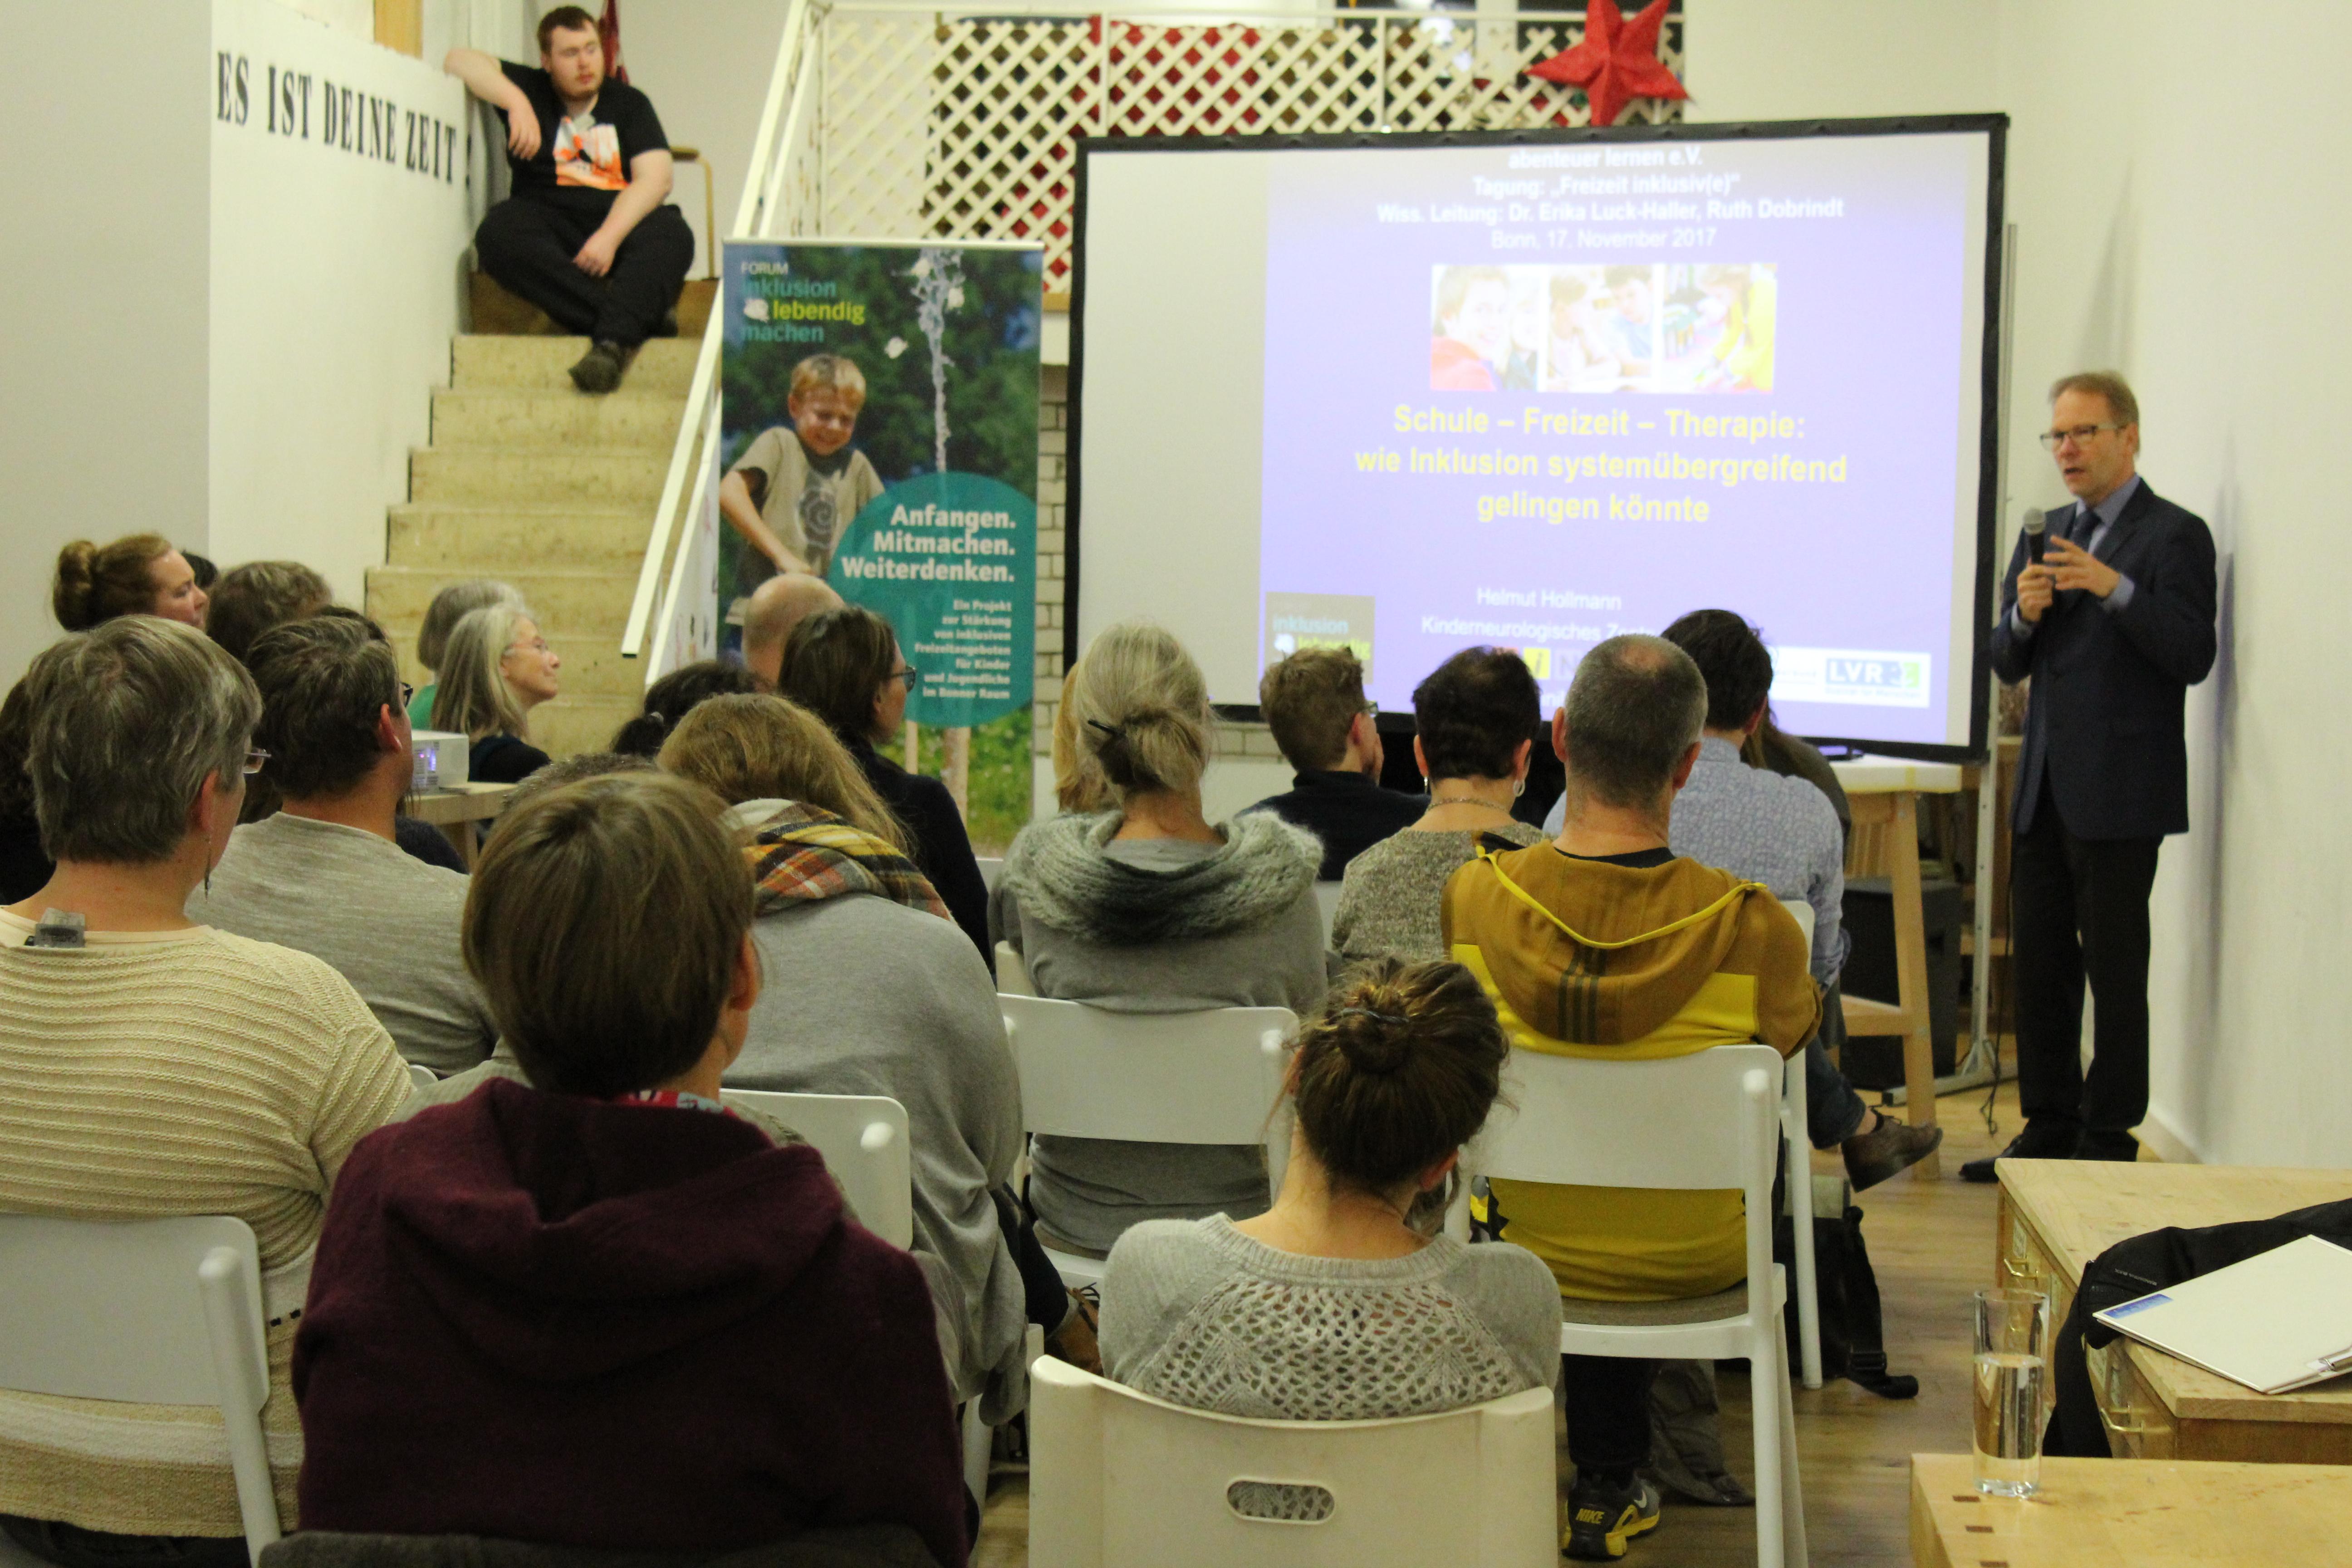 Im Hintergrund sieht man eine Leinwand auf der ein Vortrag projeziert wird. Im Vordergund sitzten viele Teilnhemer auf Stühlen.